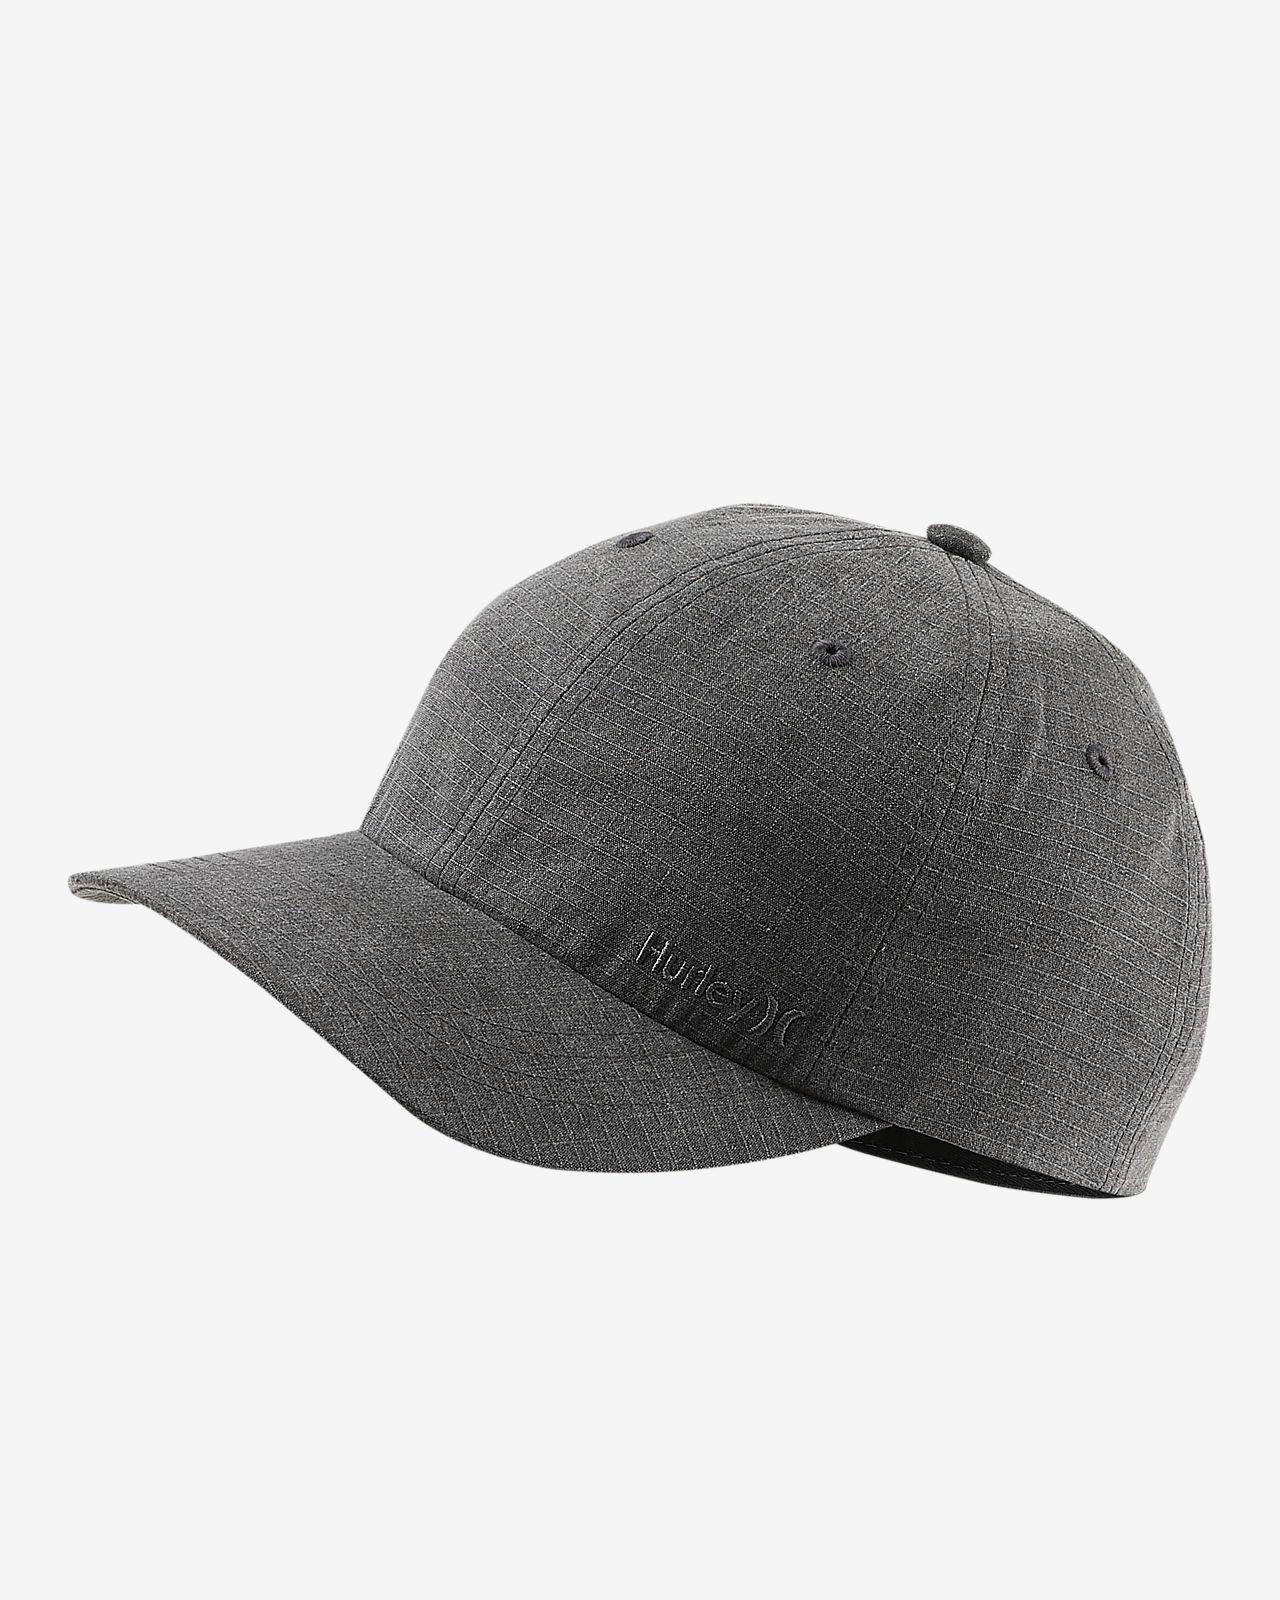 Hurley Andy Ripstop Herren-Cap